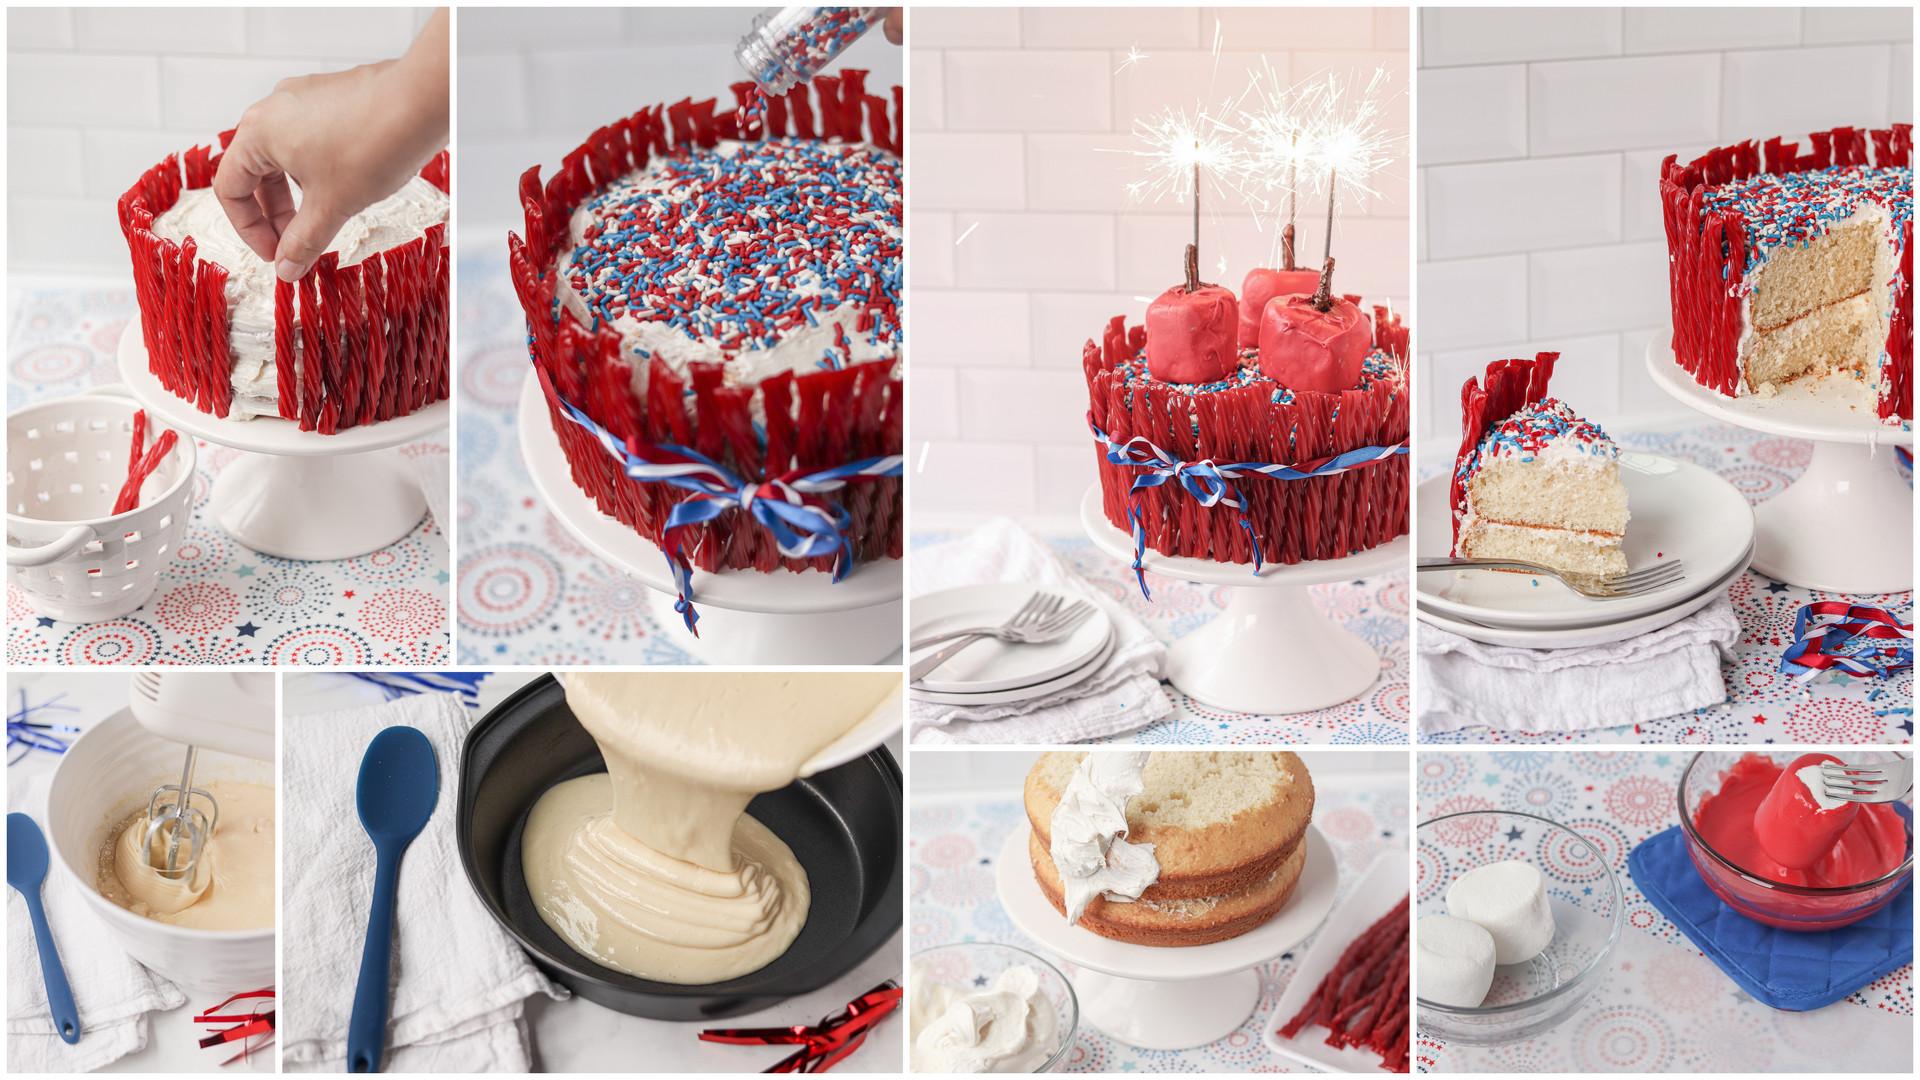 Twizzler Sparklers Cake LR-003.jpg